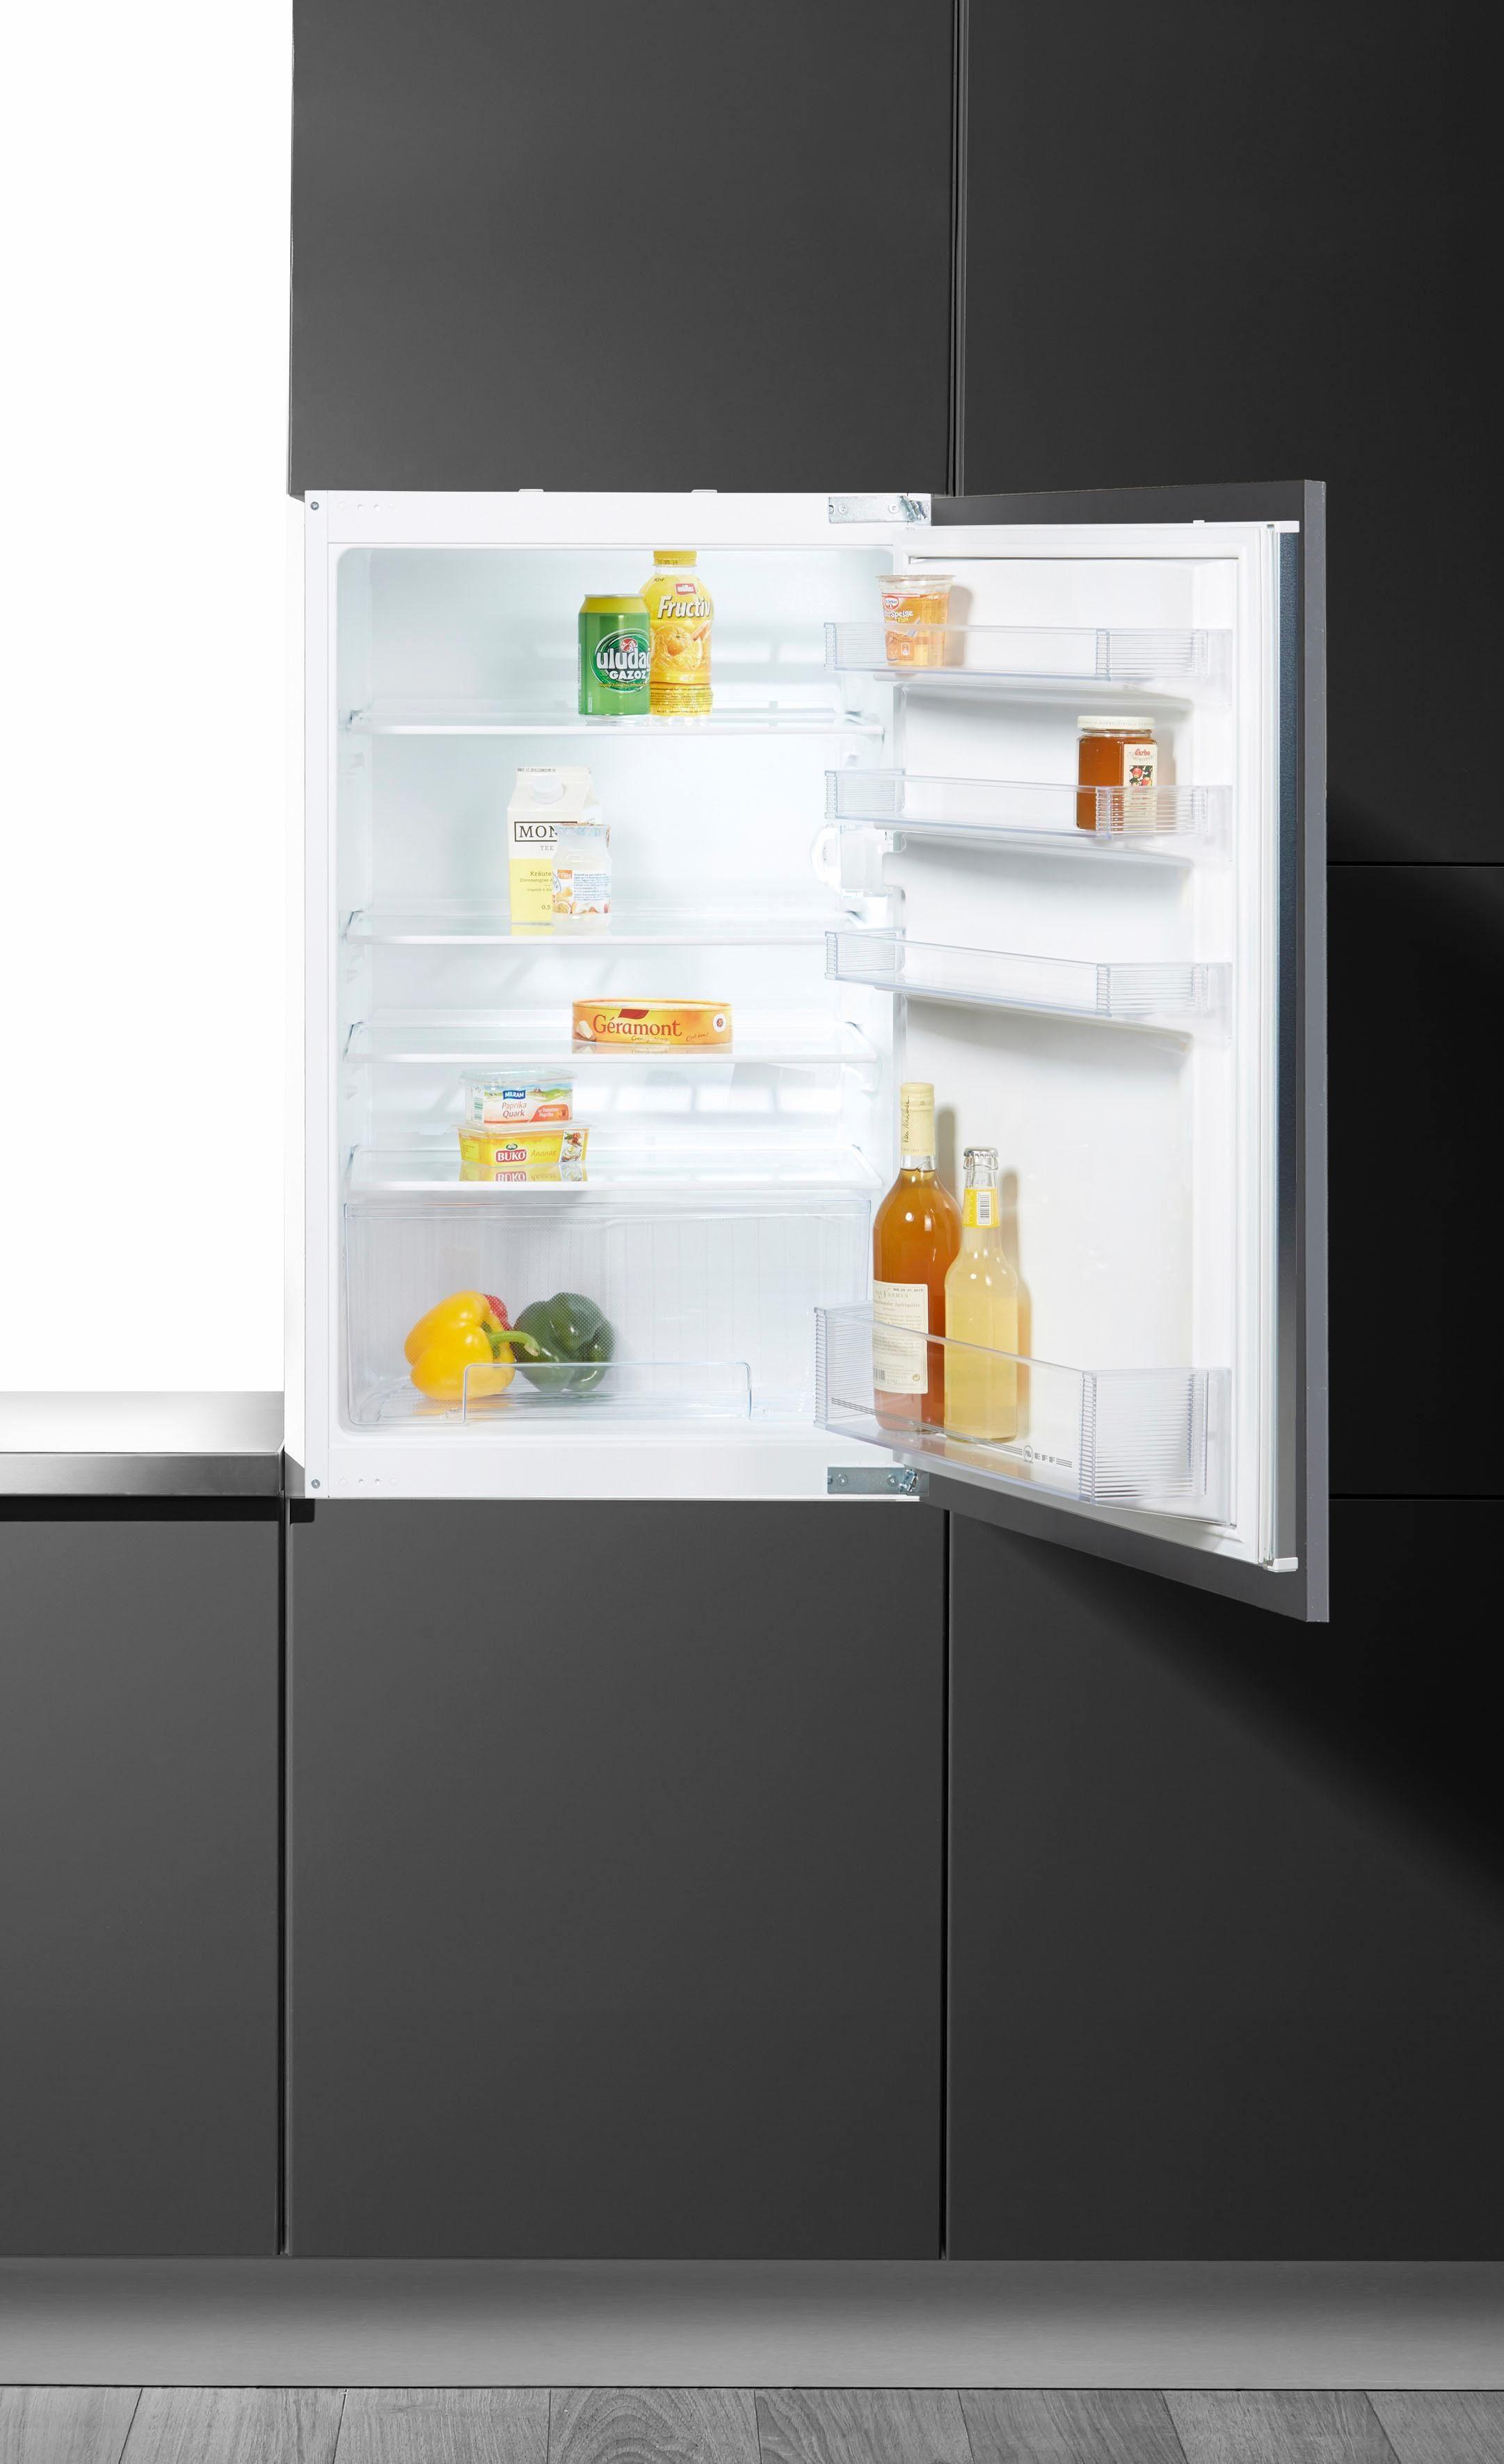 Neff integrierbarer Einbaukühlschrank K214A2 / K1514X8, Energieklasse A++, 87,4 cm hoch